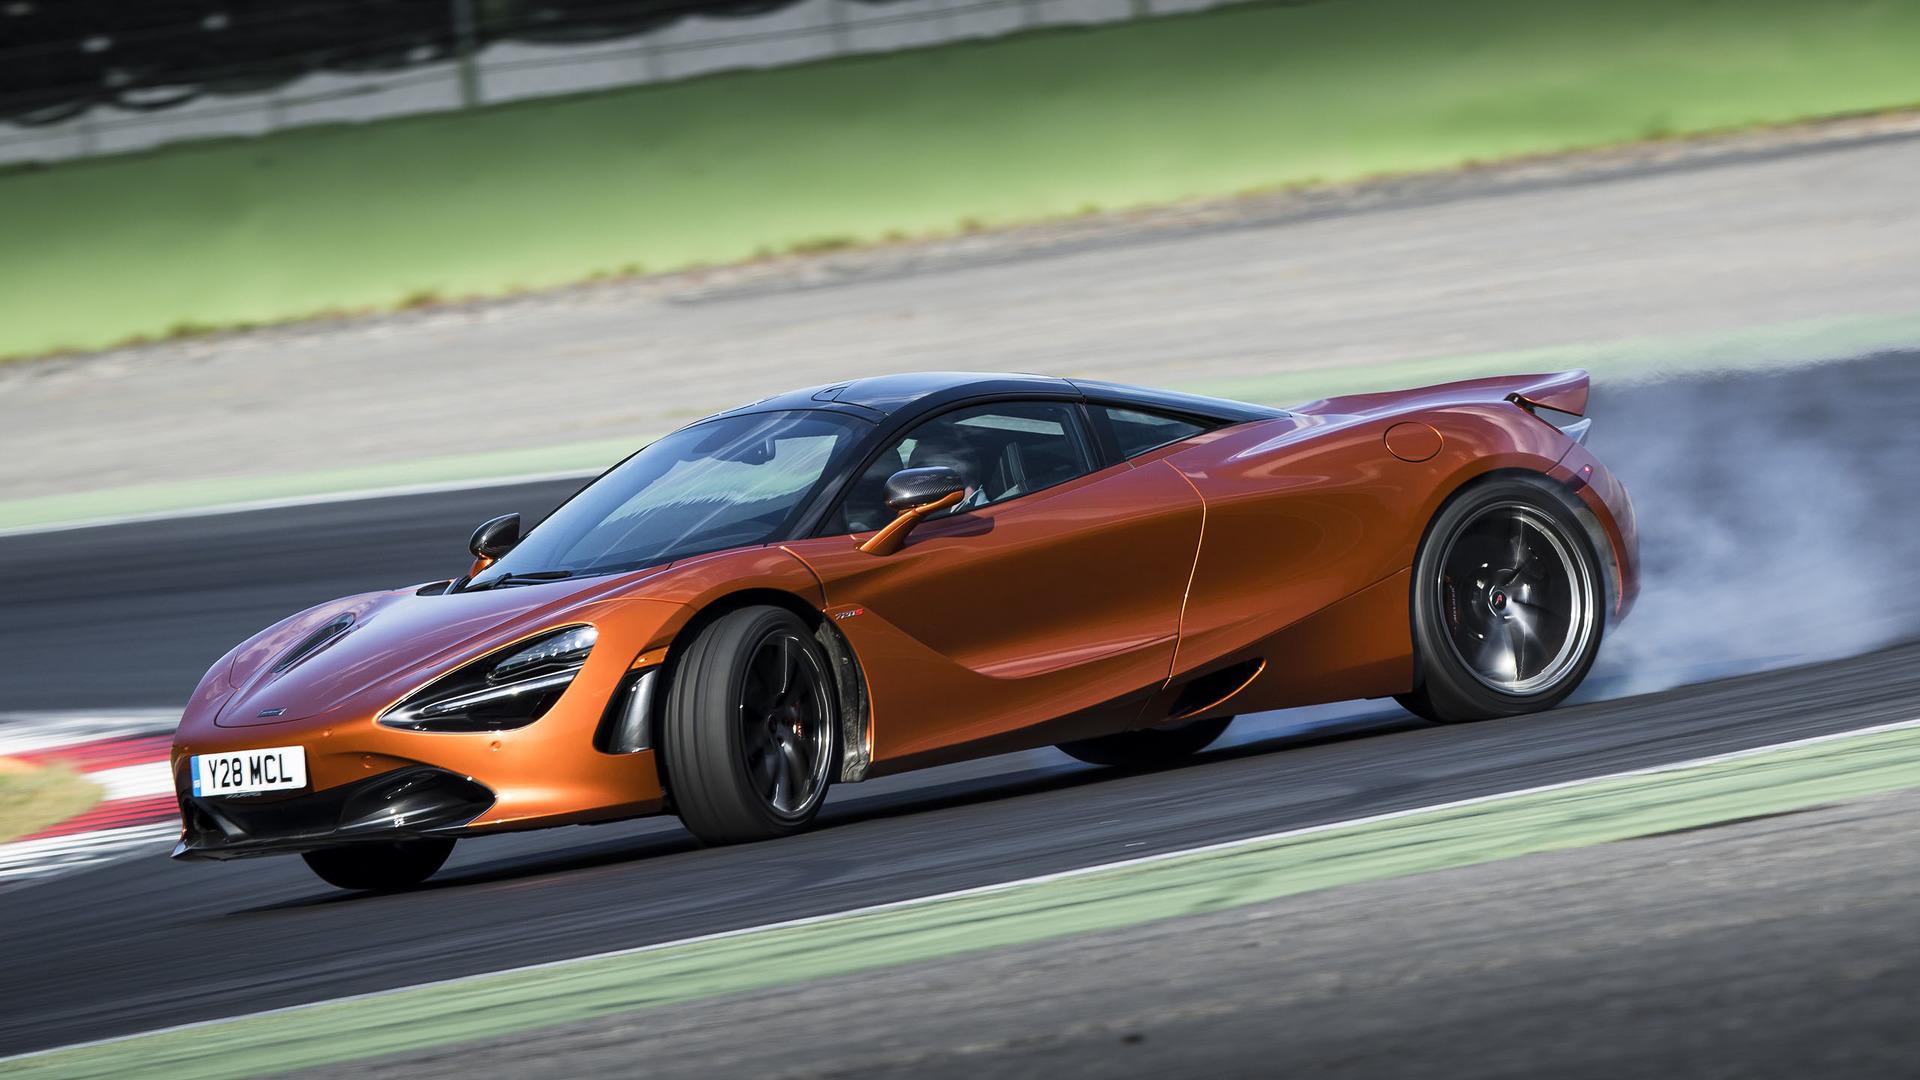 McLaren efsanesi yarış pistlerinin dışında da devam ediyor.